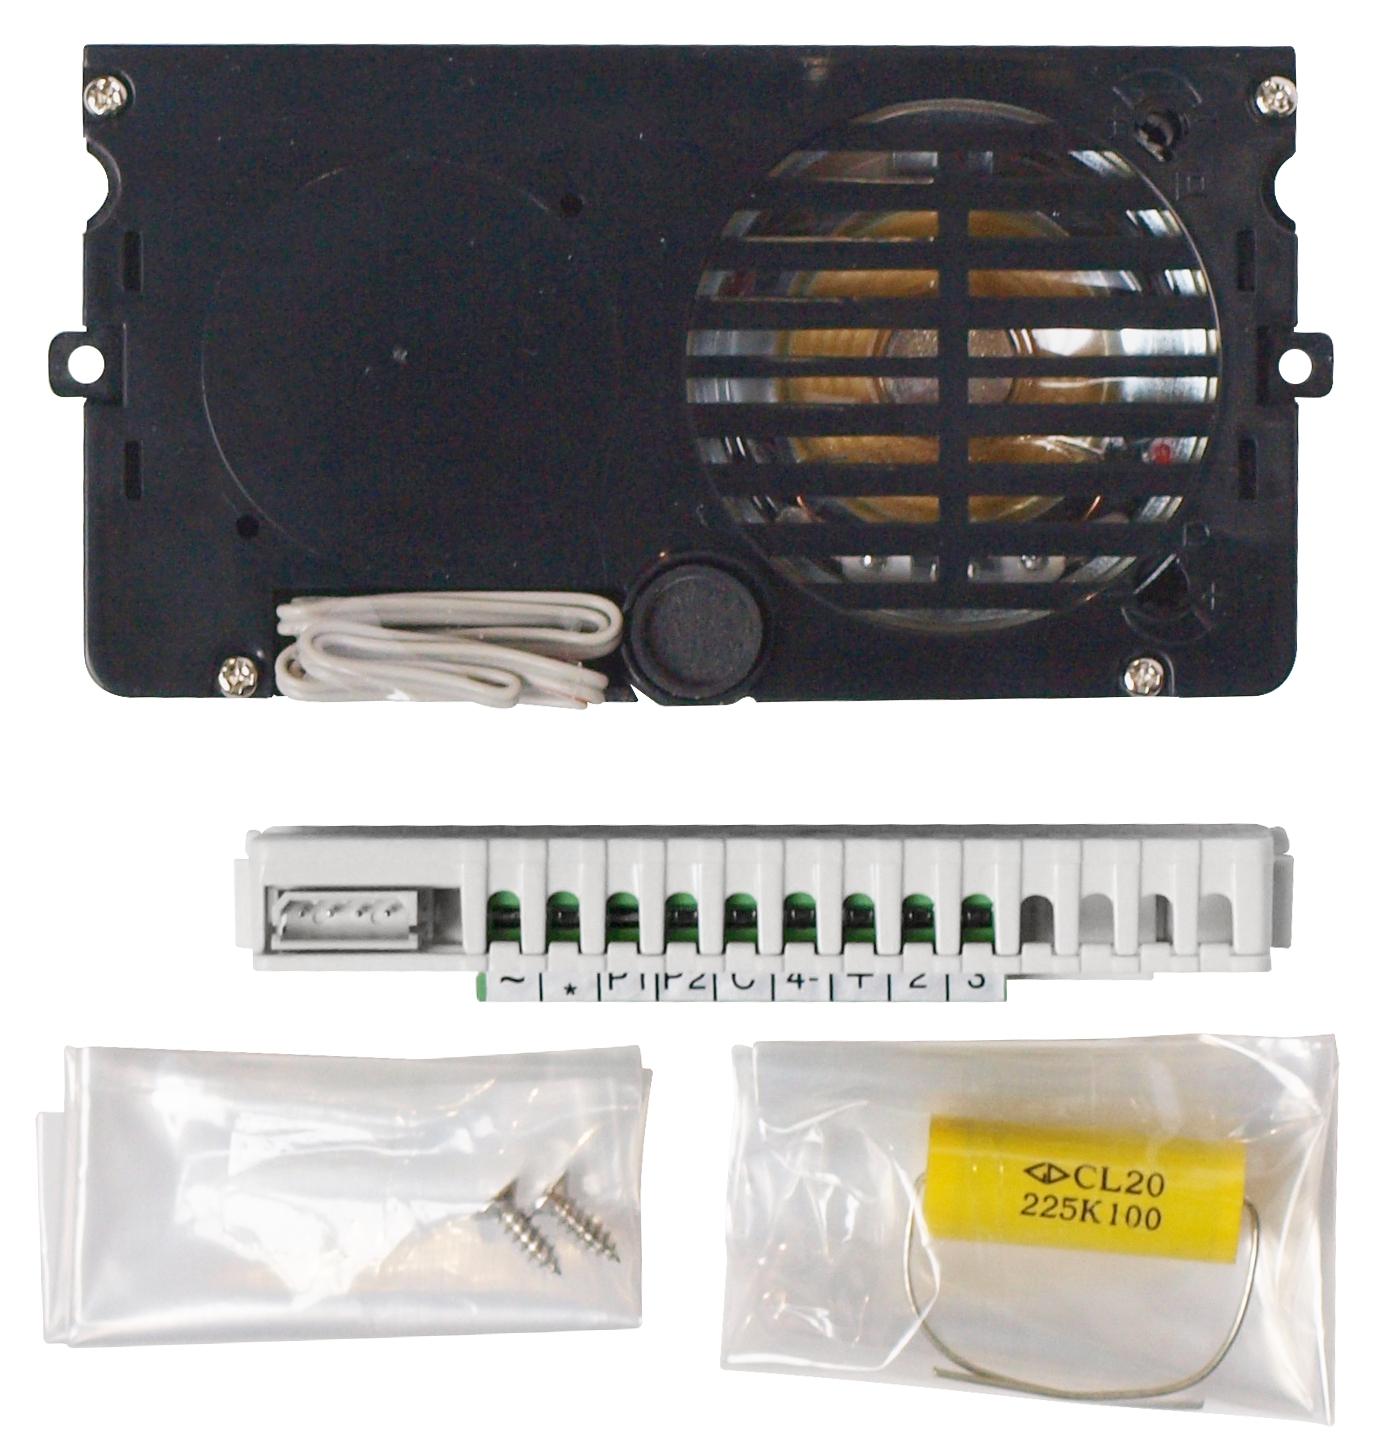 1 Stk Einbaulautsprecher+Lautstärkenregulierung,wasserdicht,trad. SP160000--